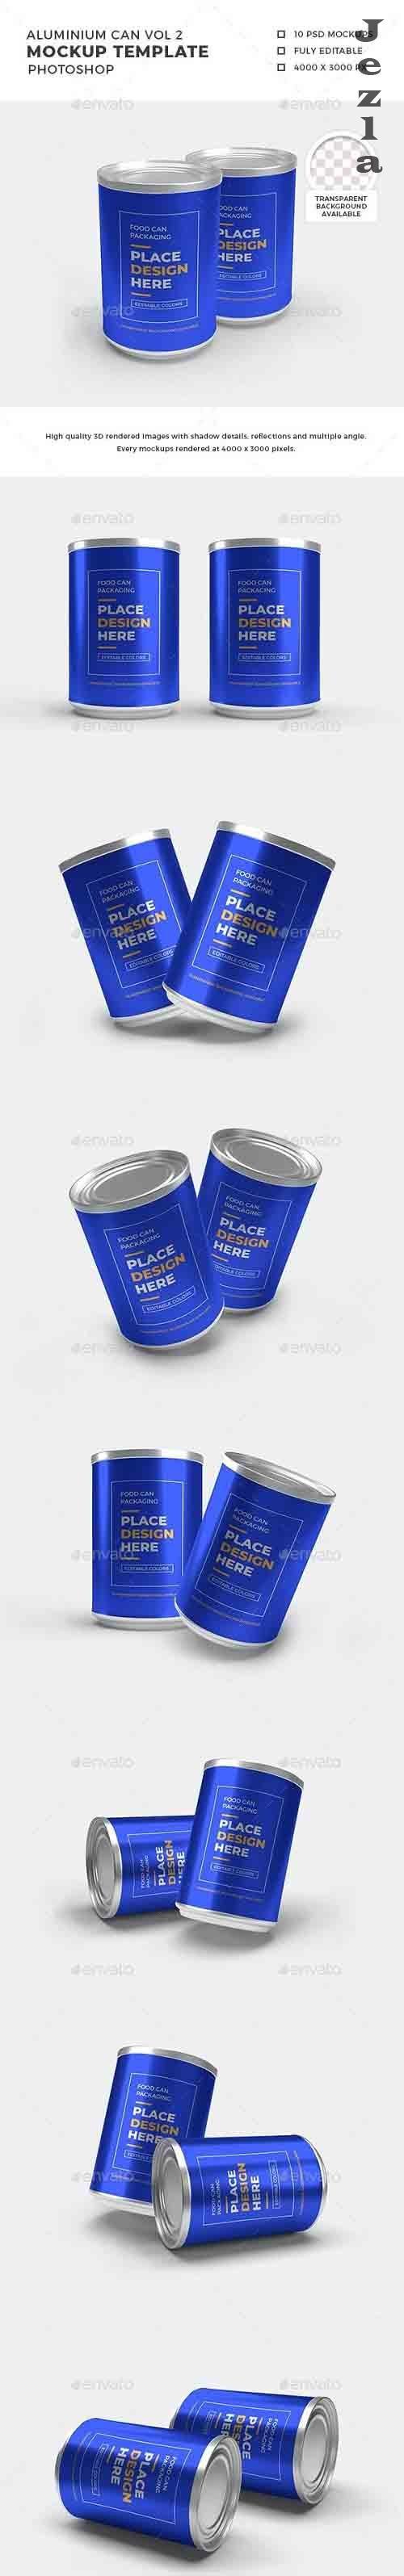 Aluminium Food Can Mockup Set - 32368774 - 1392677 - 3D Template